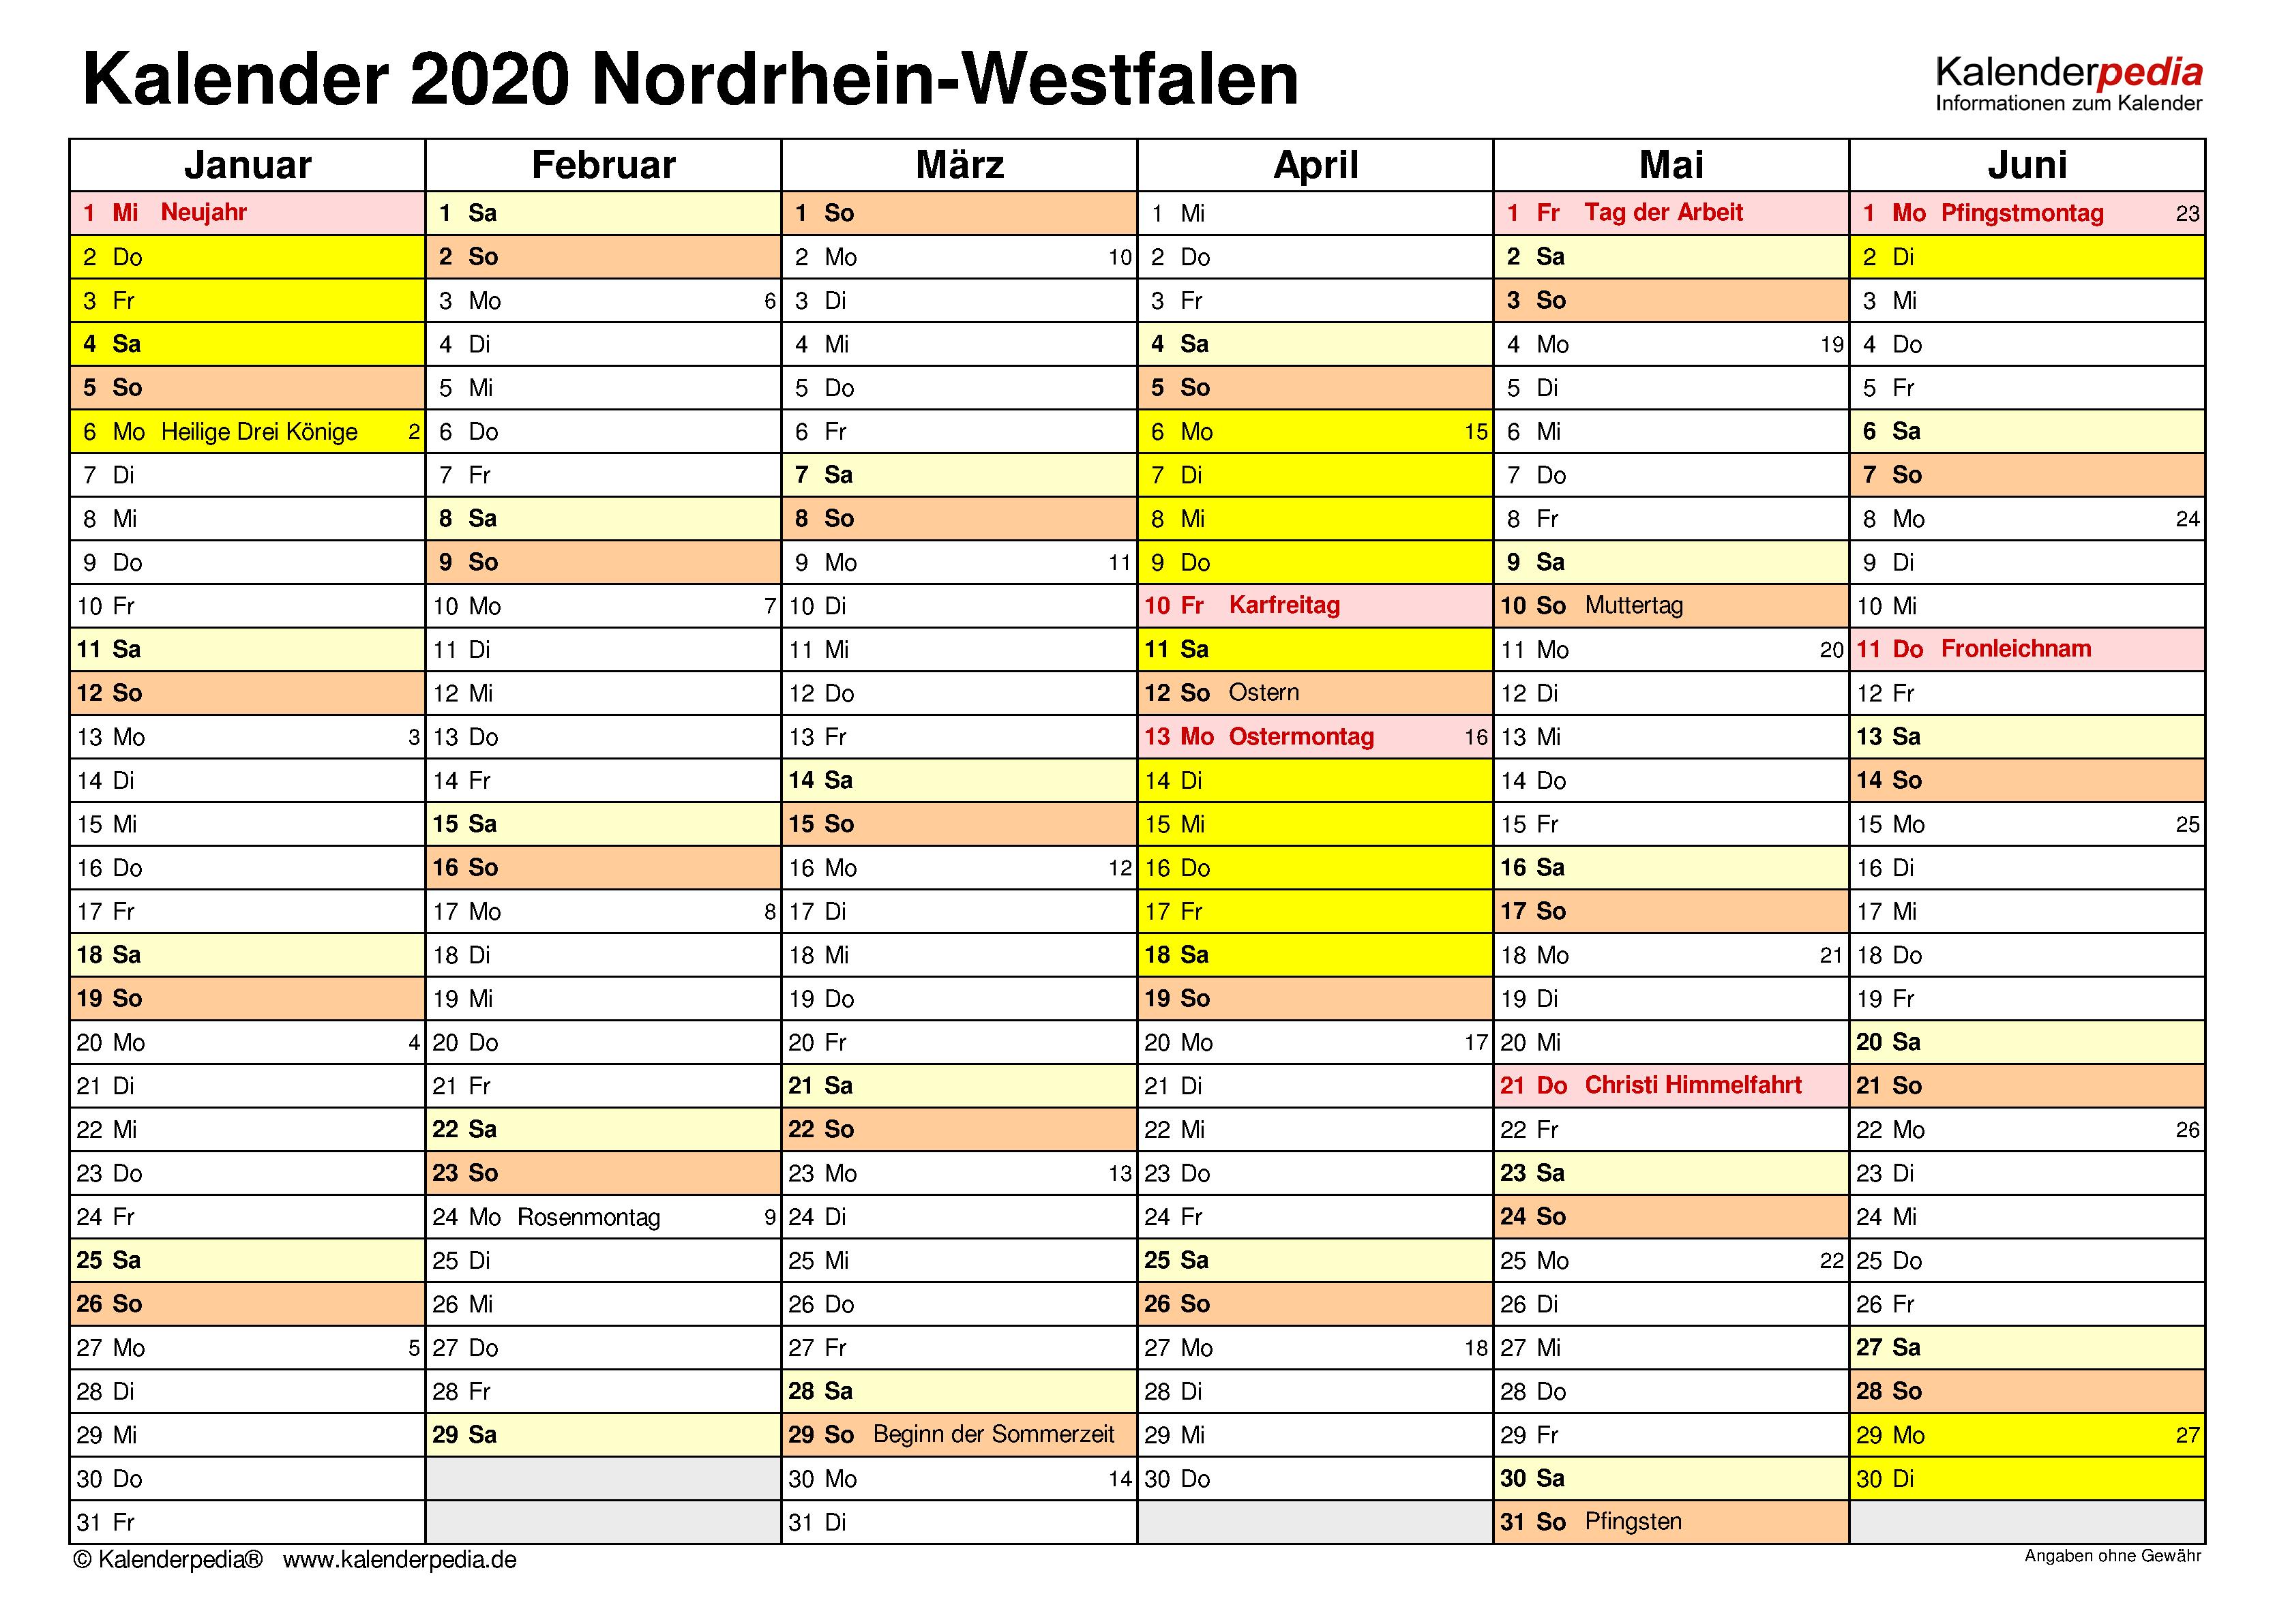 Kalender 2020 Nrw Ferien Feiertage Excel Vorlagen